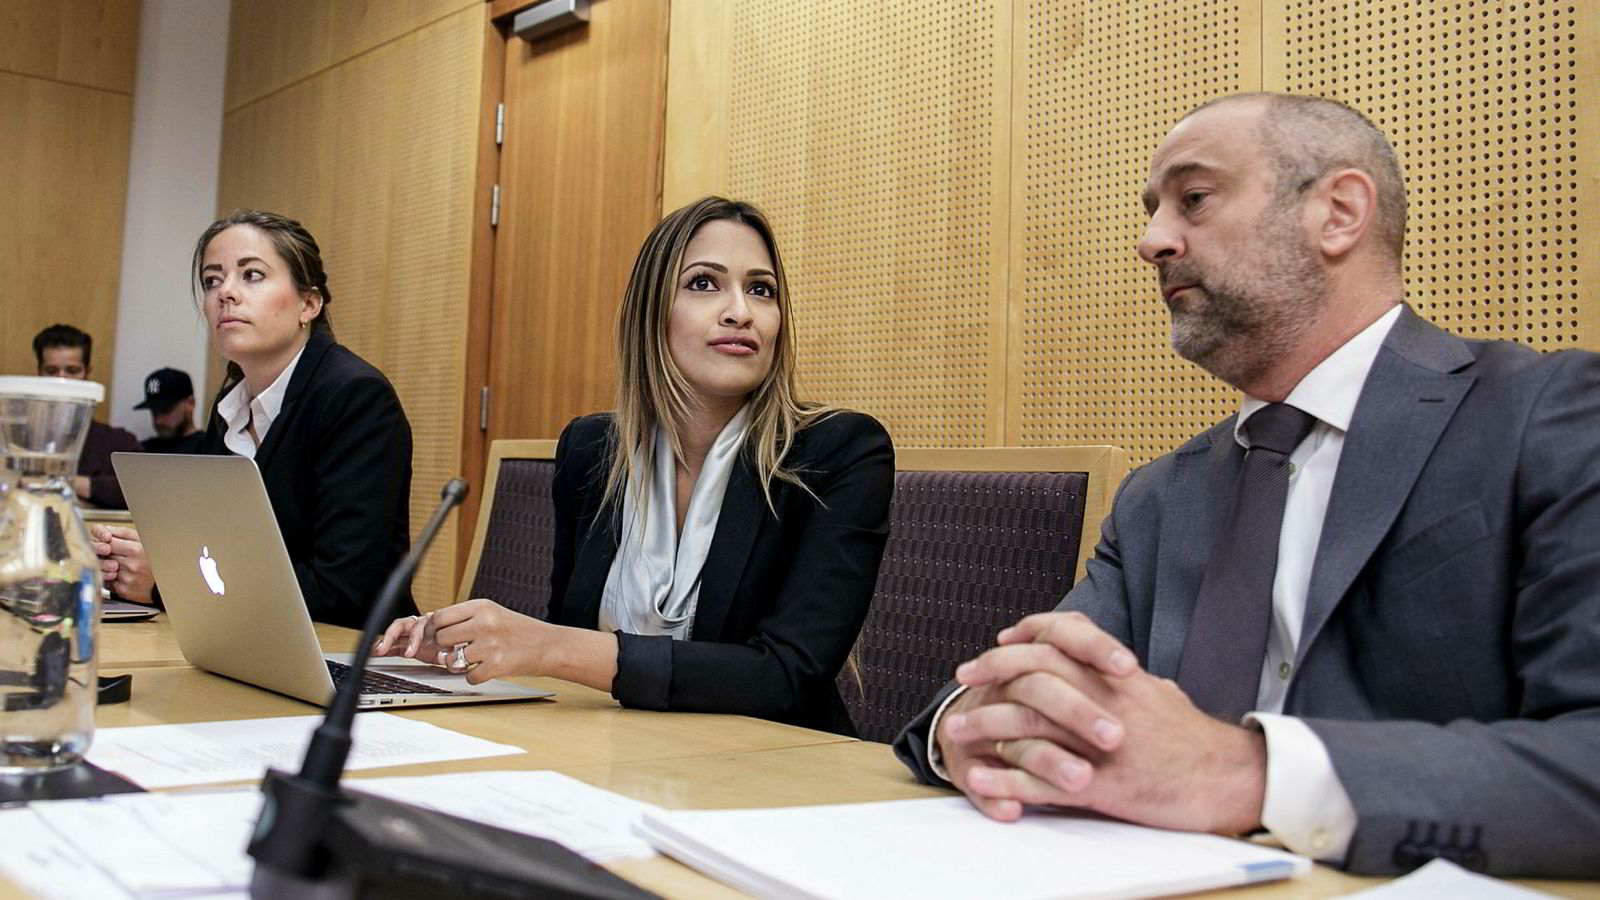 Advokatfullmektig Helene Charlotte Bjørgo (fra venstre), administrerende direktør Tasmin Lucia-Khan og advokat Eirik W. Raanes i Thommessen møtte Ryan Wiik i WR-saken i Oslo byfogdembete i fjor høst.